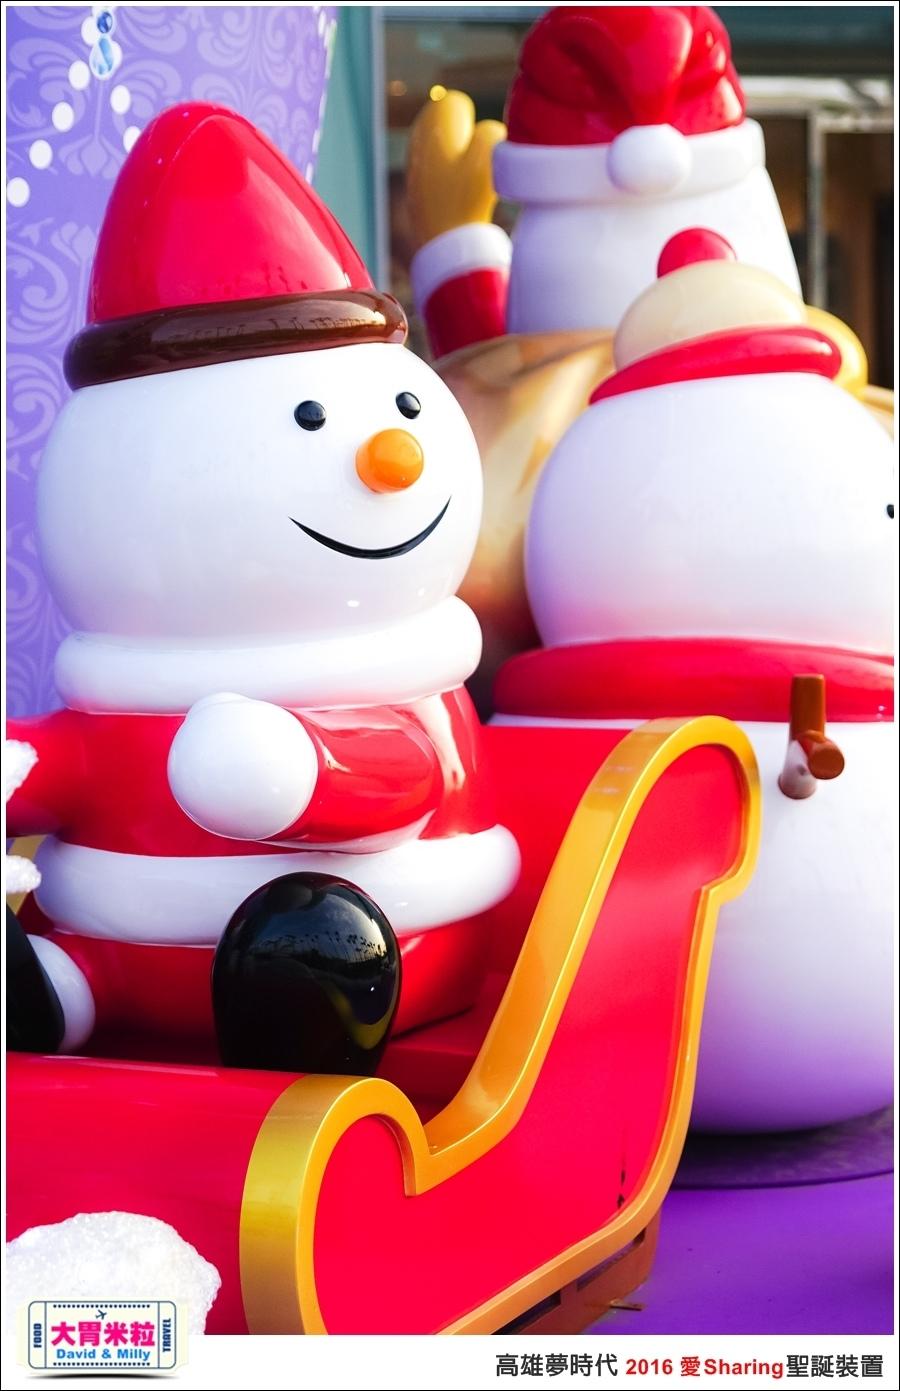 2016聖誕約會景點推薦@高雄夢時代 統一時代百貨 2016聖誕裝置@大胃米粒0014.jpg